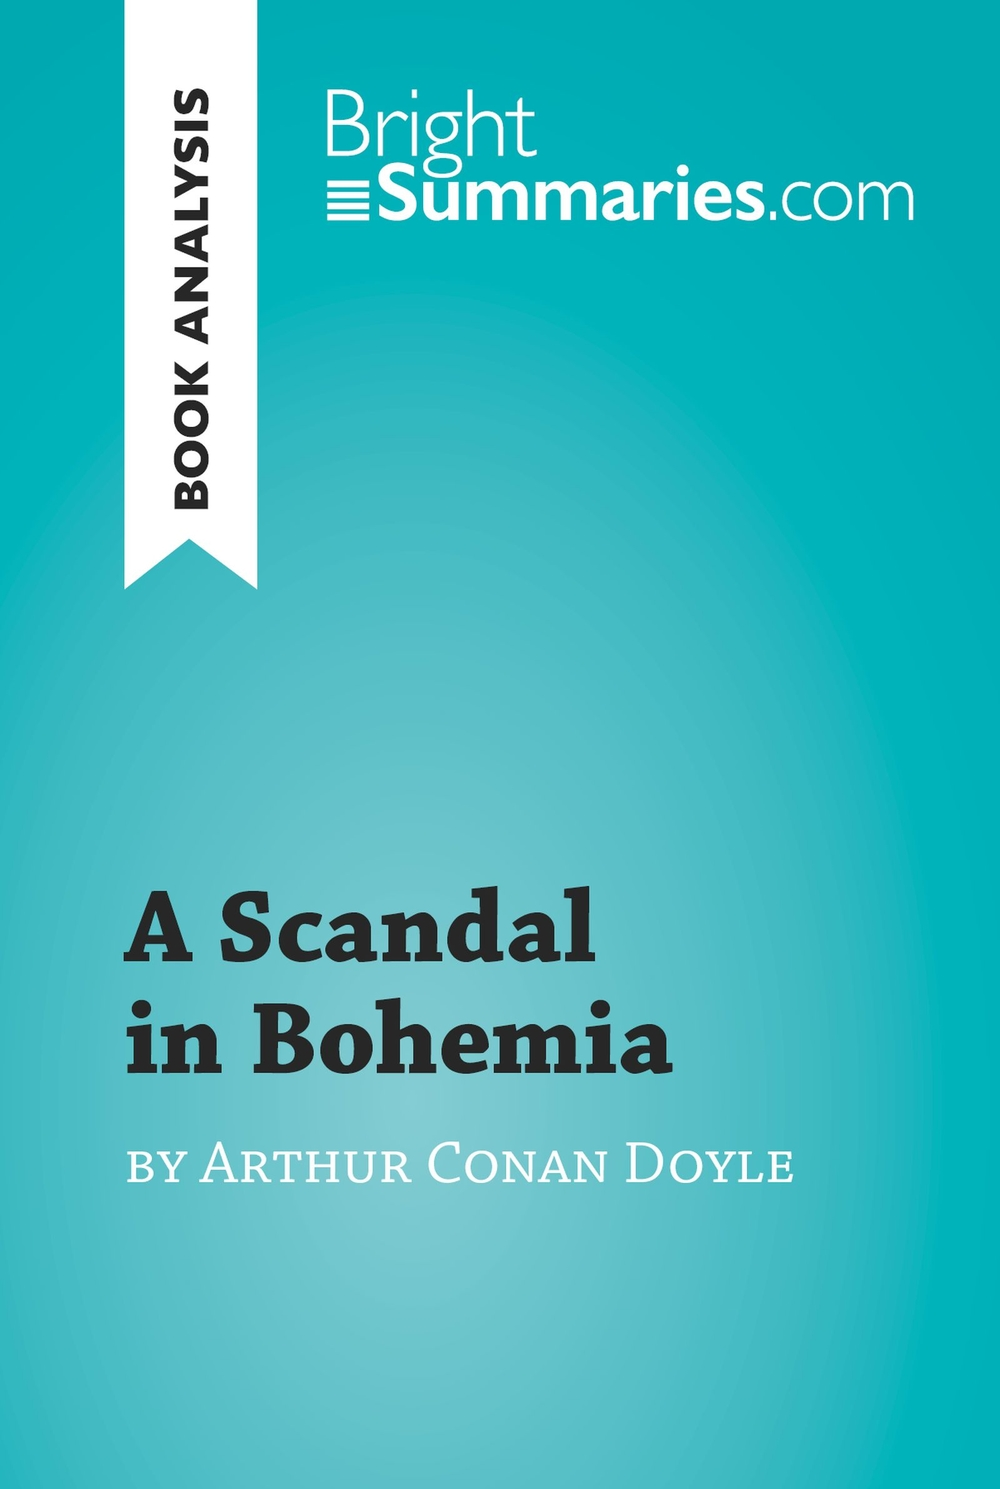 A Scandal in Bohemia by Arthur Conan Doyle (Book Analysis)